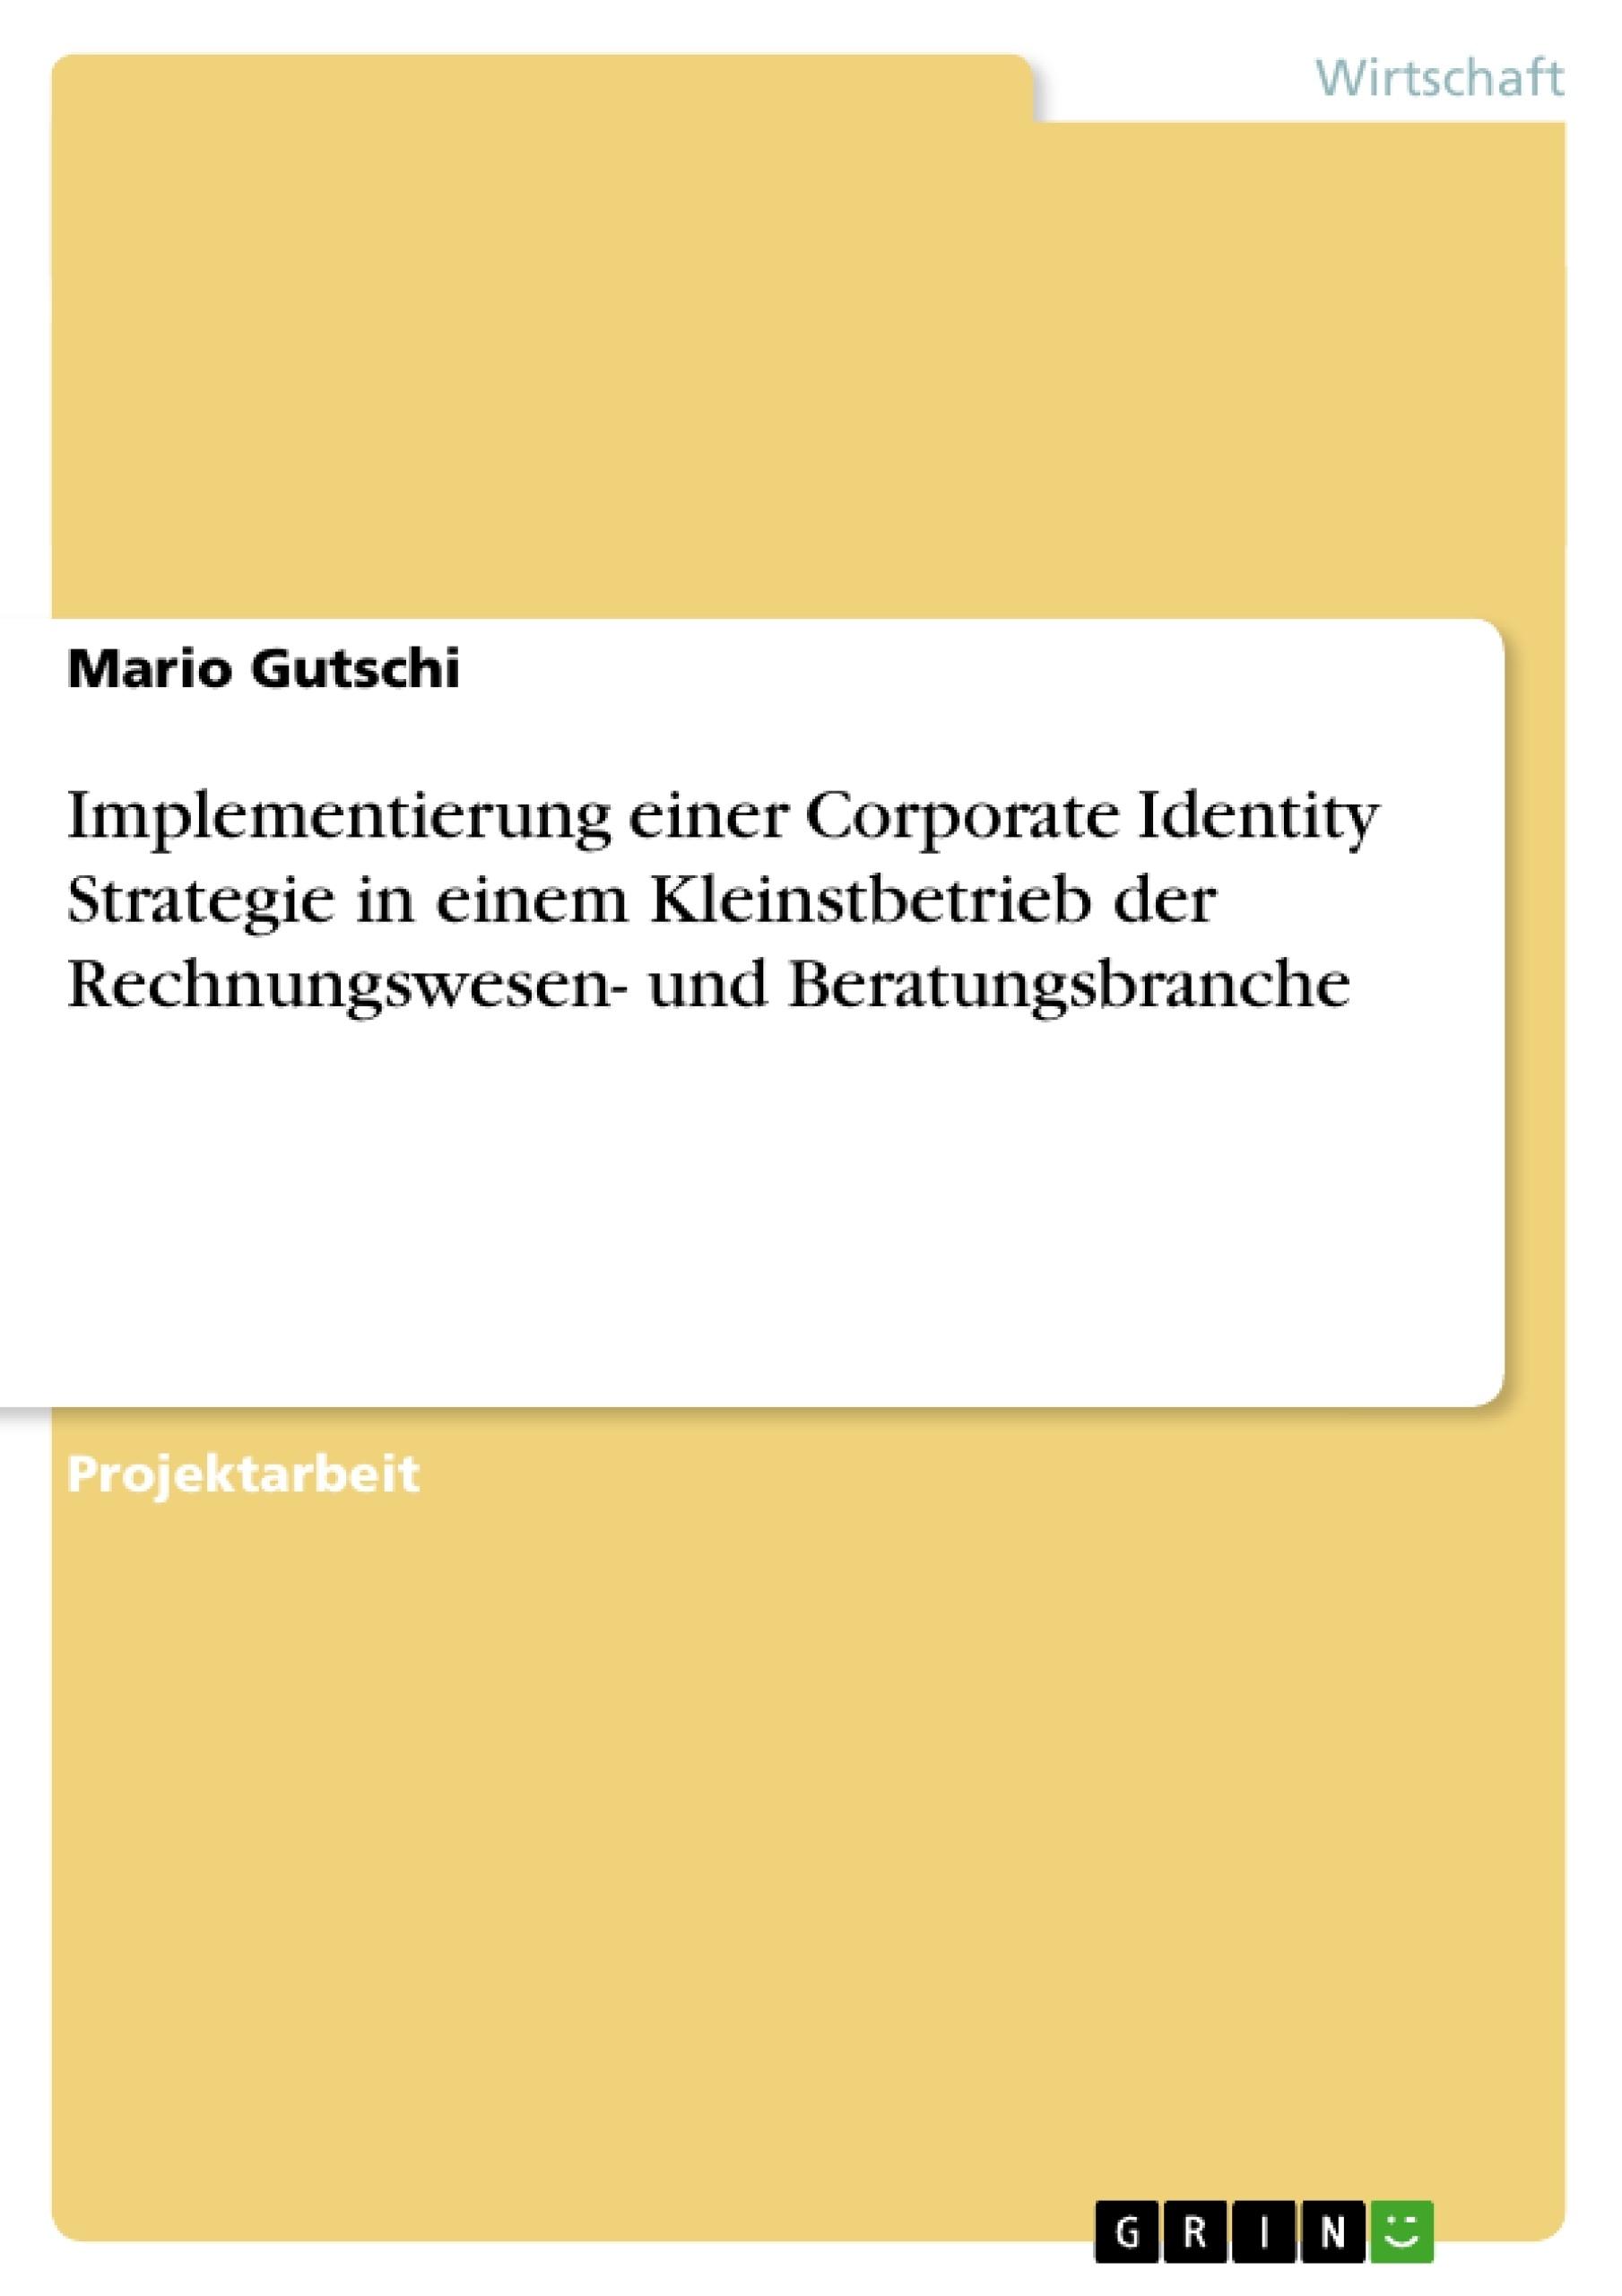 Titel: Implementierung einer Corporate Identity Strategie in einem Kleinstbetrieb der Rechnungswesen- und Beratungsbranche